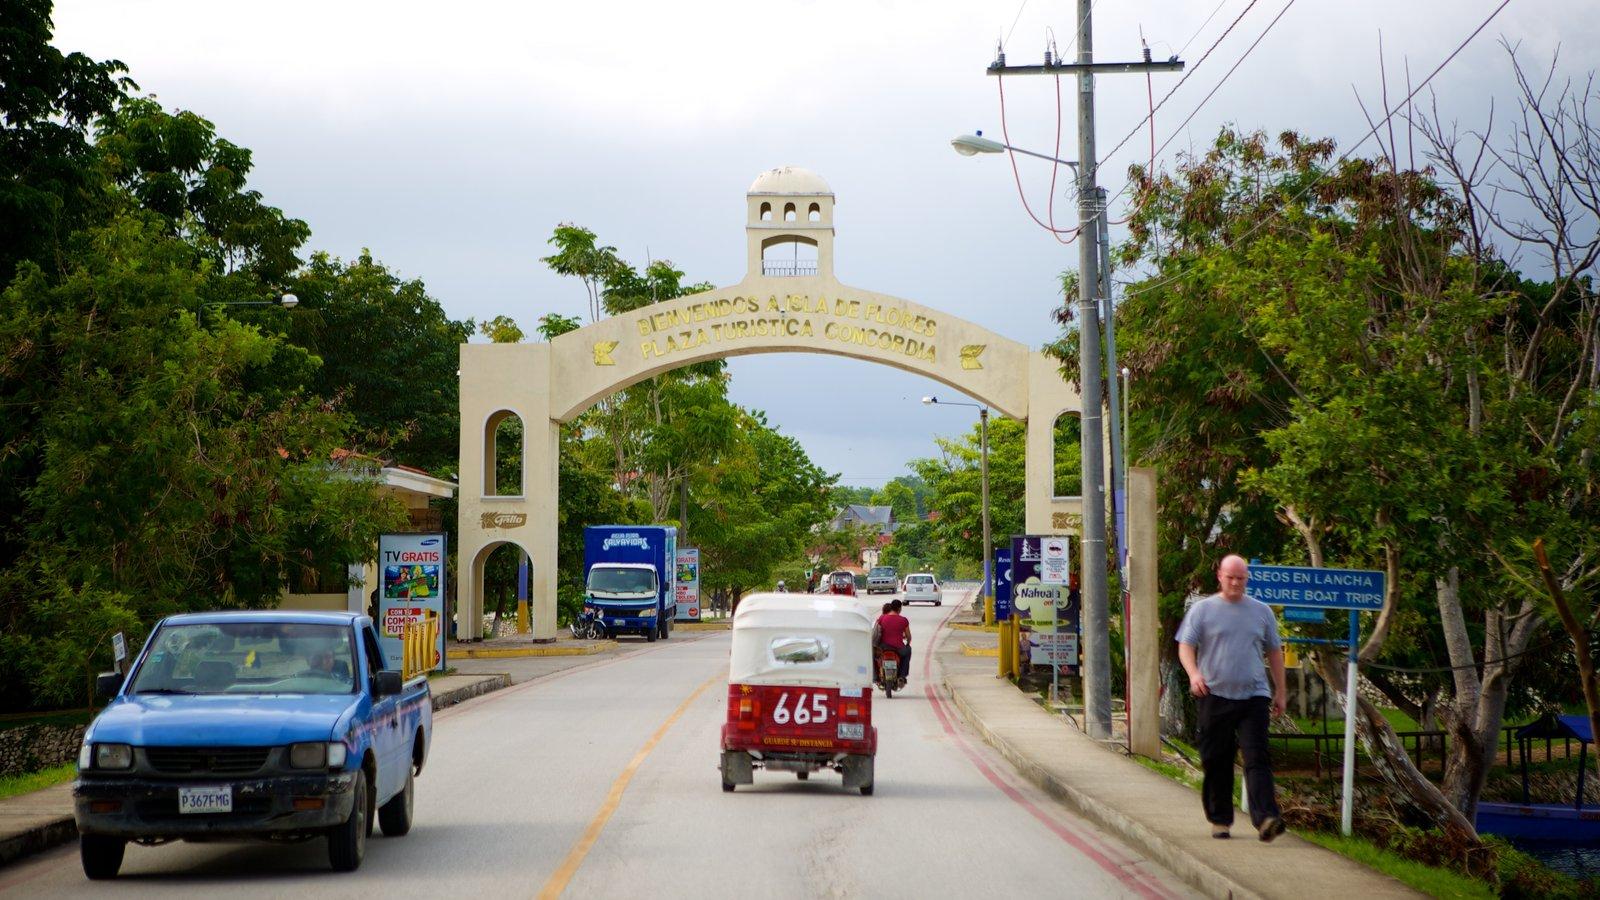 Flores ofreciendo una ciudad costera, turismo y escenas urbanas